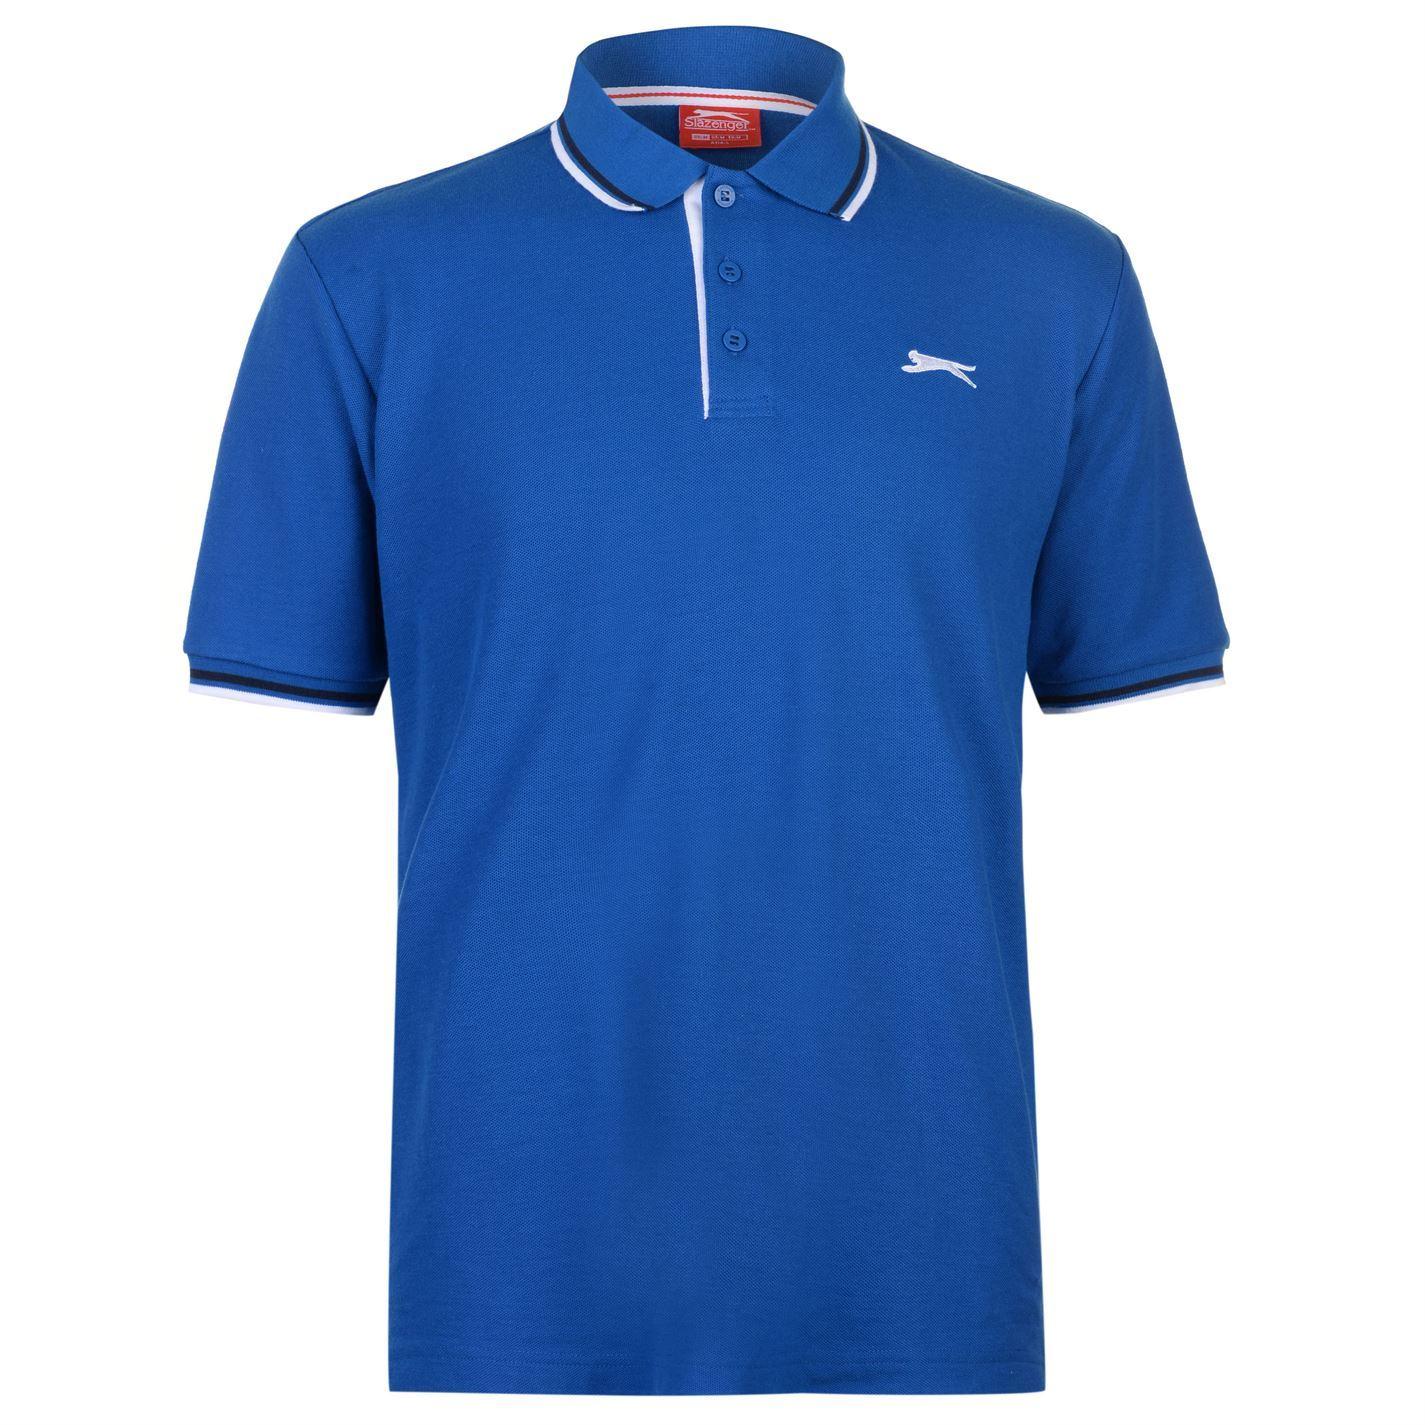 Slazenger-Polo-Camisa-de-hombre-con-cuello-con-Punta-T-Shirt-Top-Camiseta-Tee miniatura 14